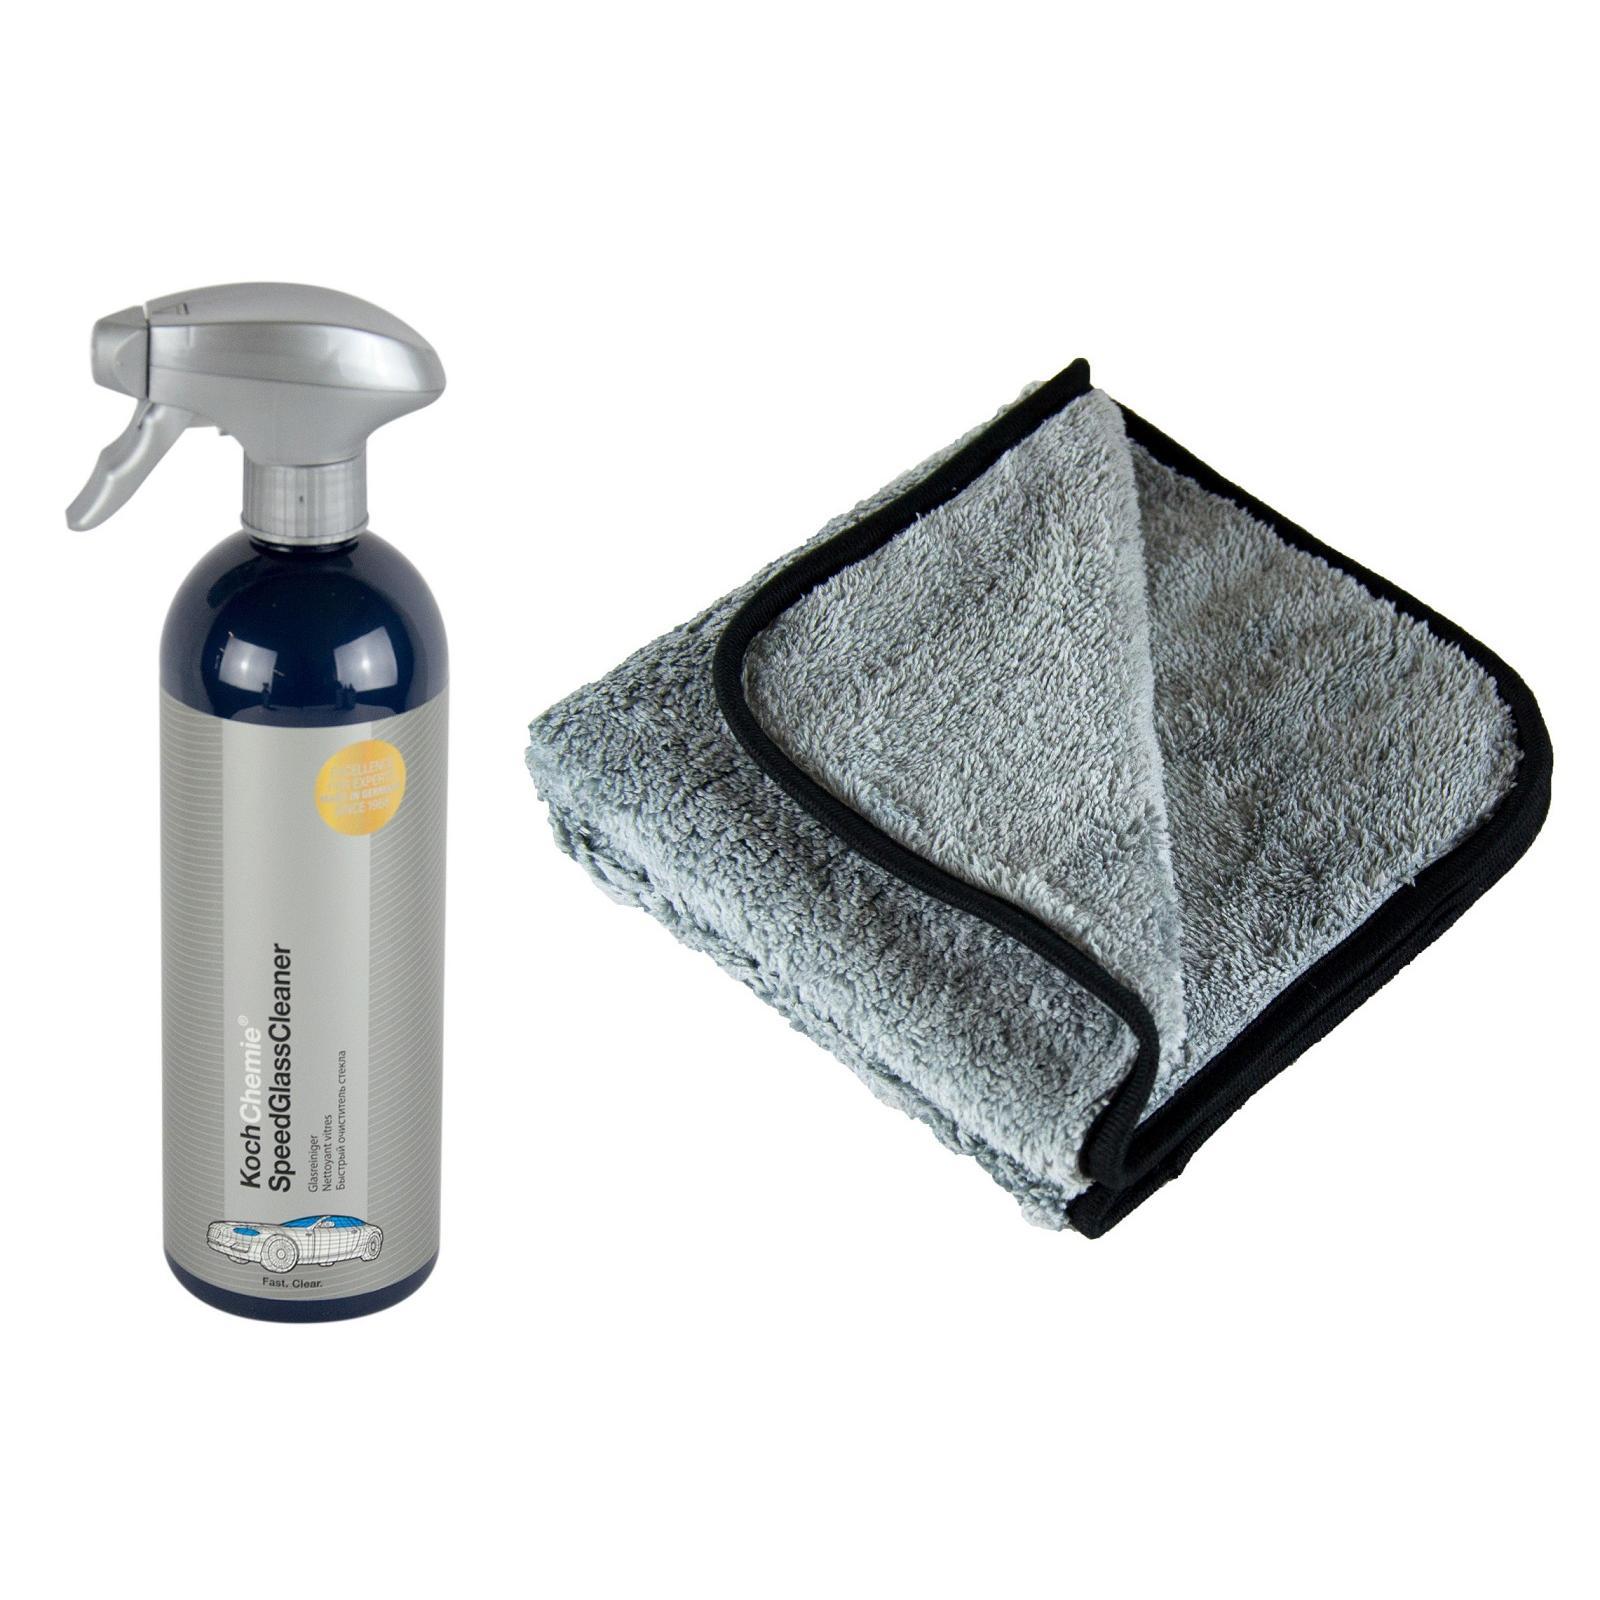 koch chemie glasreiniger 750 ml p4c mikrofasertuch. Black Bedroom Furniture Sets. Home Design Ideas